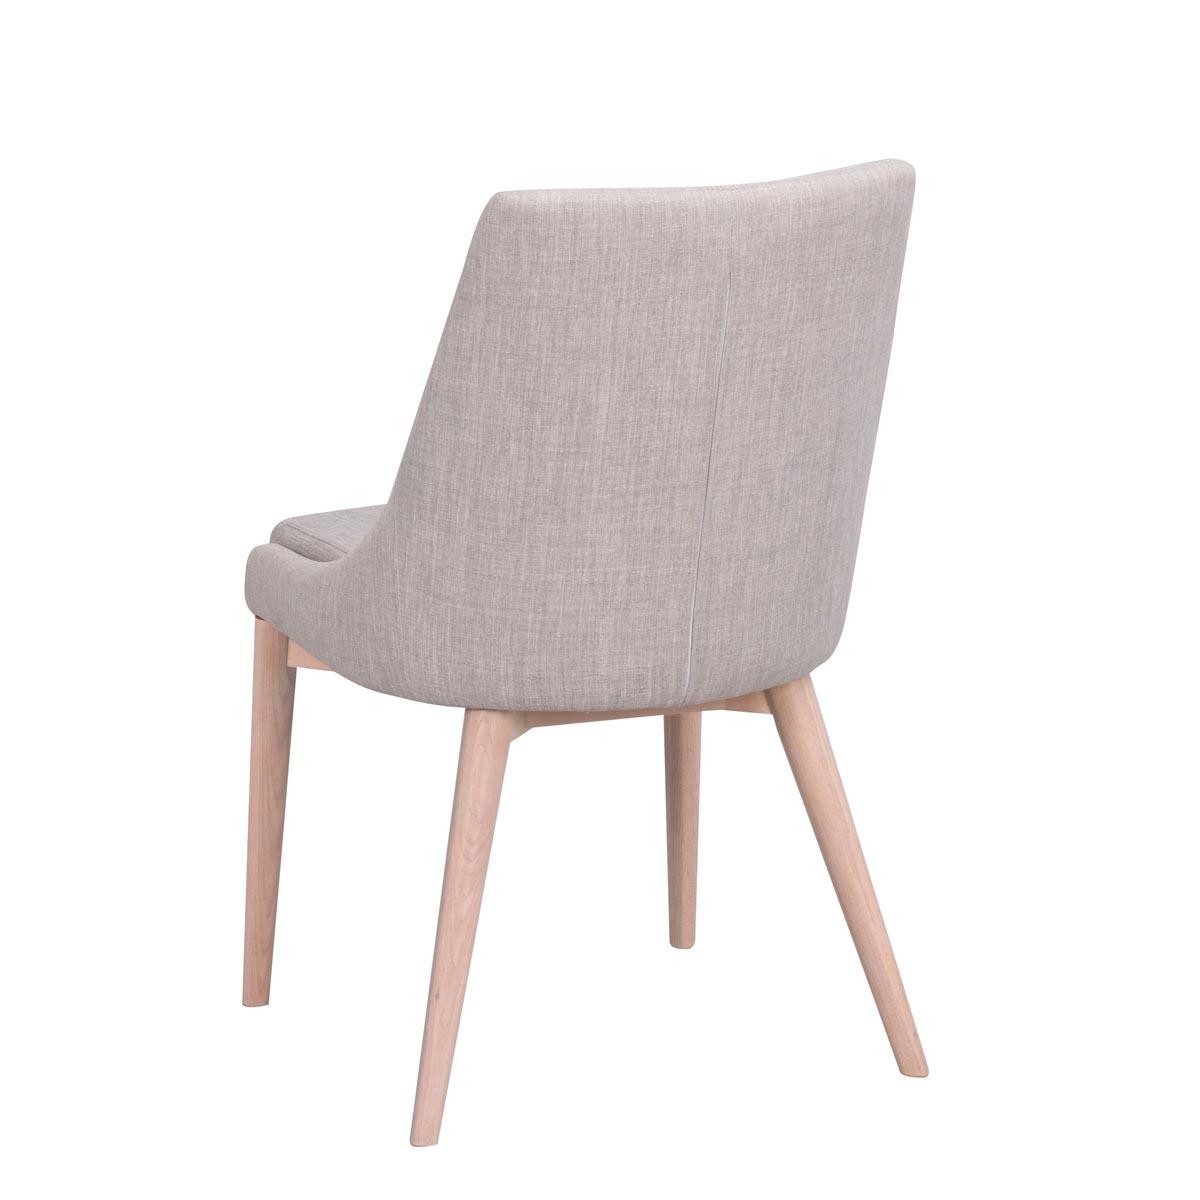 Bea-stol-ljusgrått-tyg_wwR-118312_d